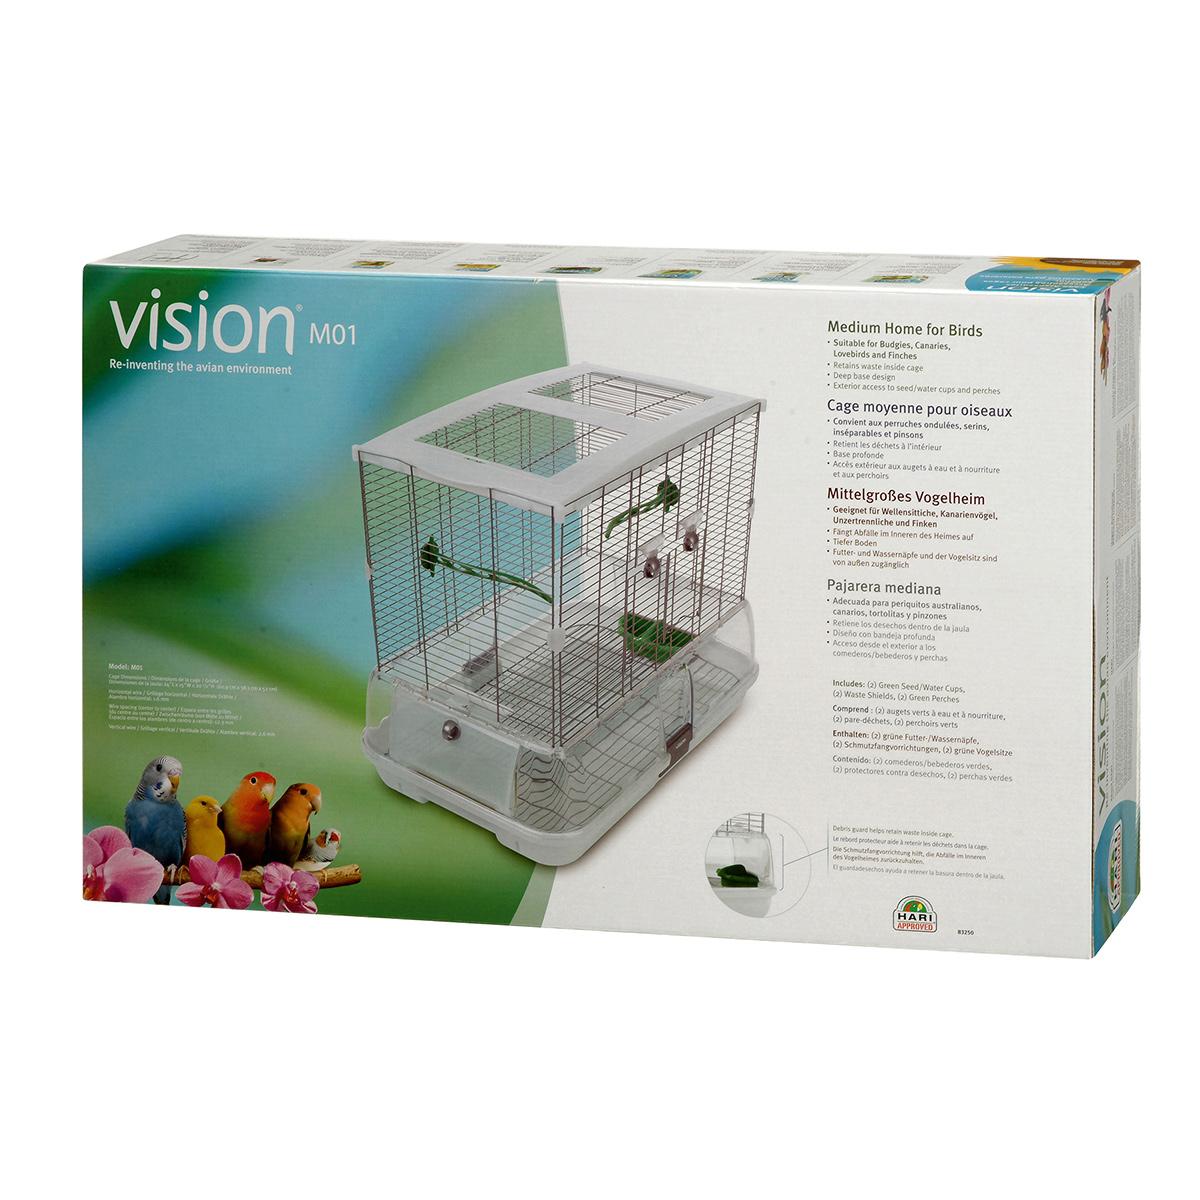 vogelk fig vision ii model m01 klein g nstig kaufen bei. Black Bedroom Furniture Sets. Home Design Ideas